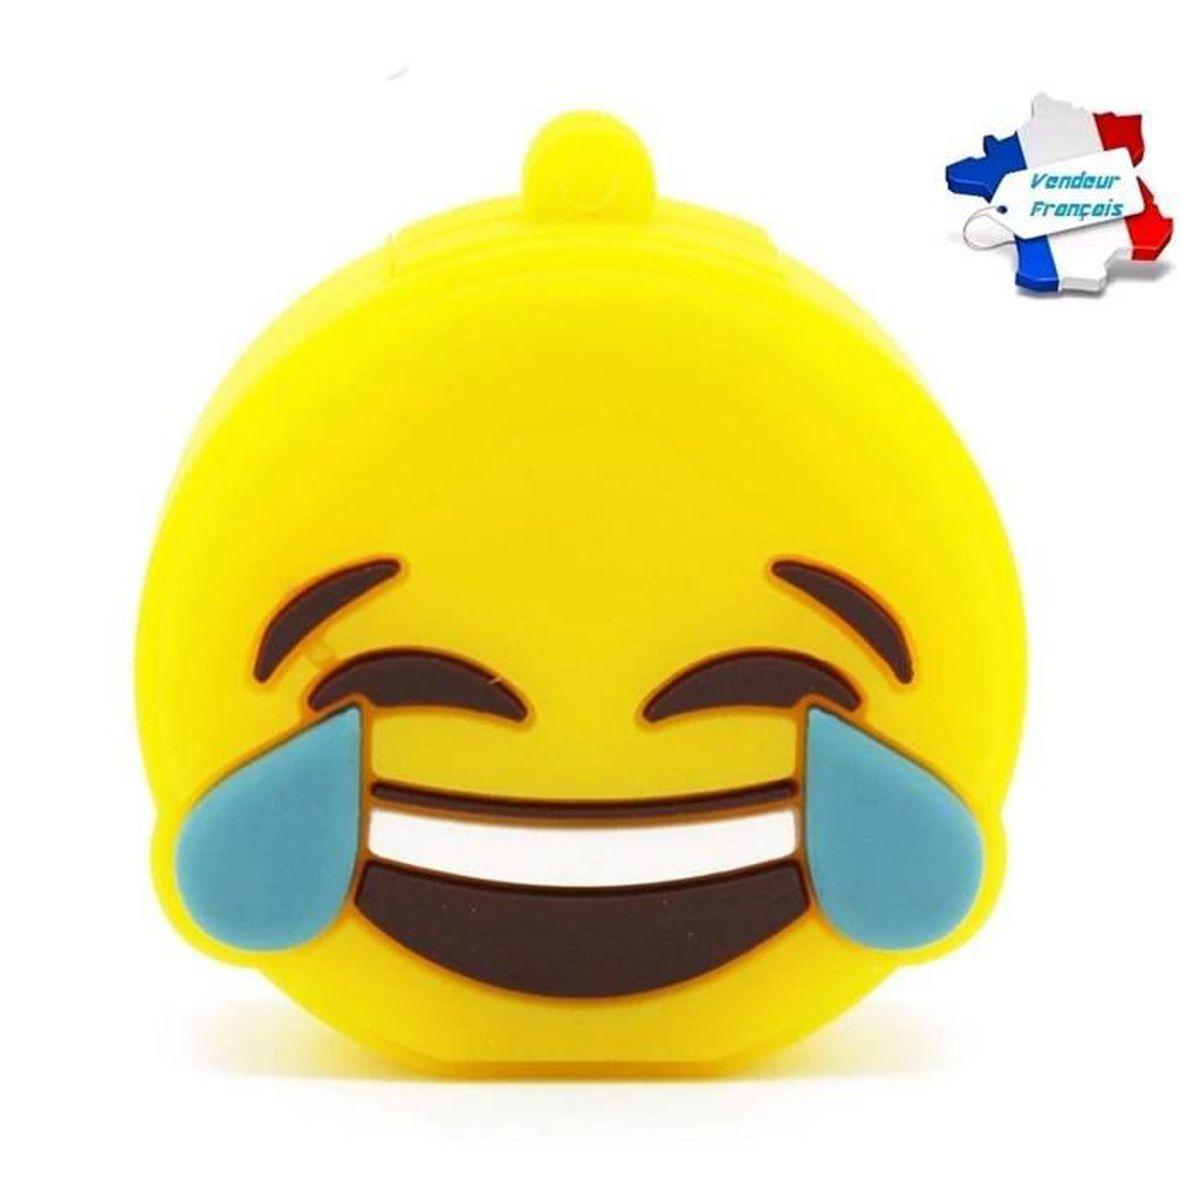 Cle Usb Emoji Smiley Mdr Capacite 16go Livraison Gratuite Et Rapide 2 A 3 Jours Entreprise Francaise Prix Pas Cher Cdiscount